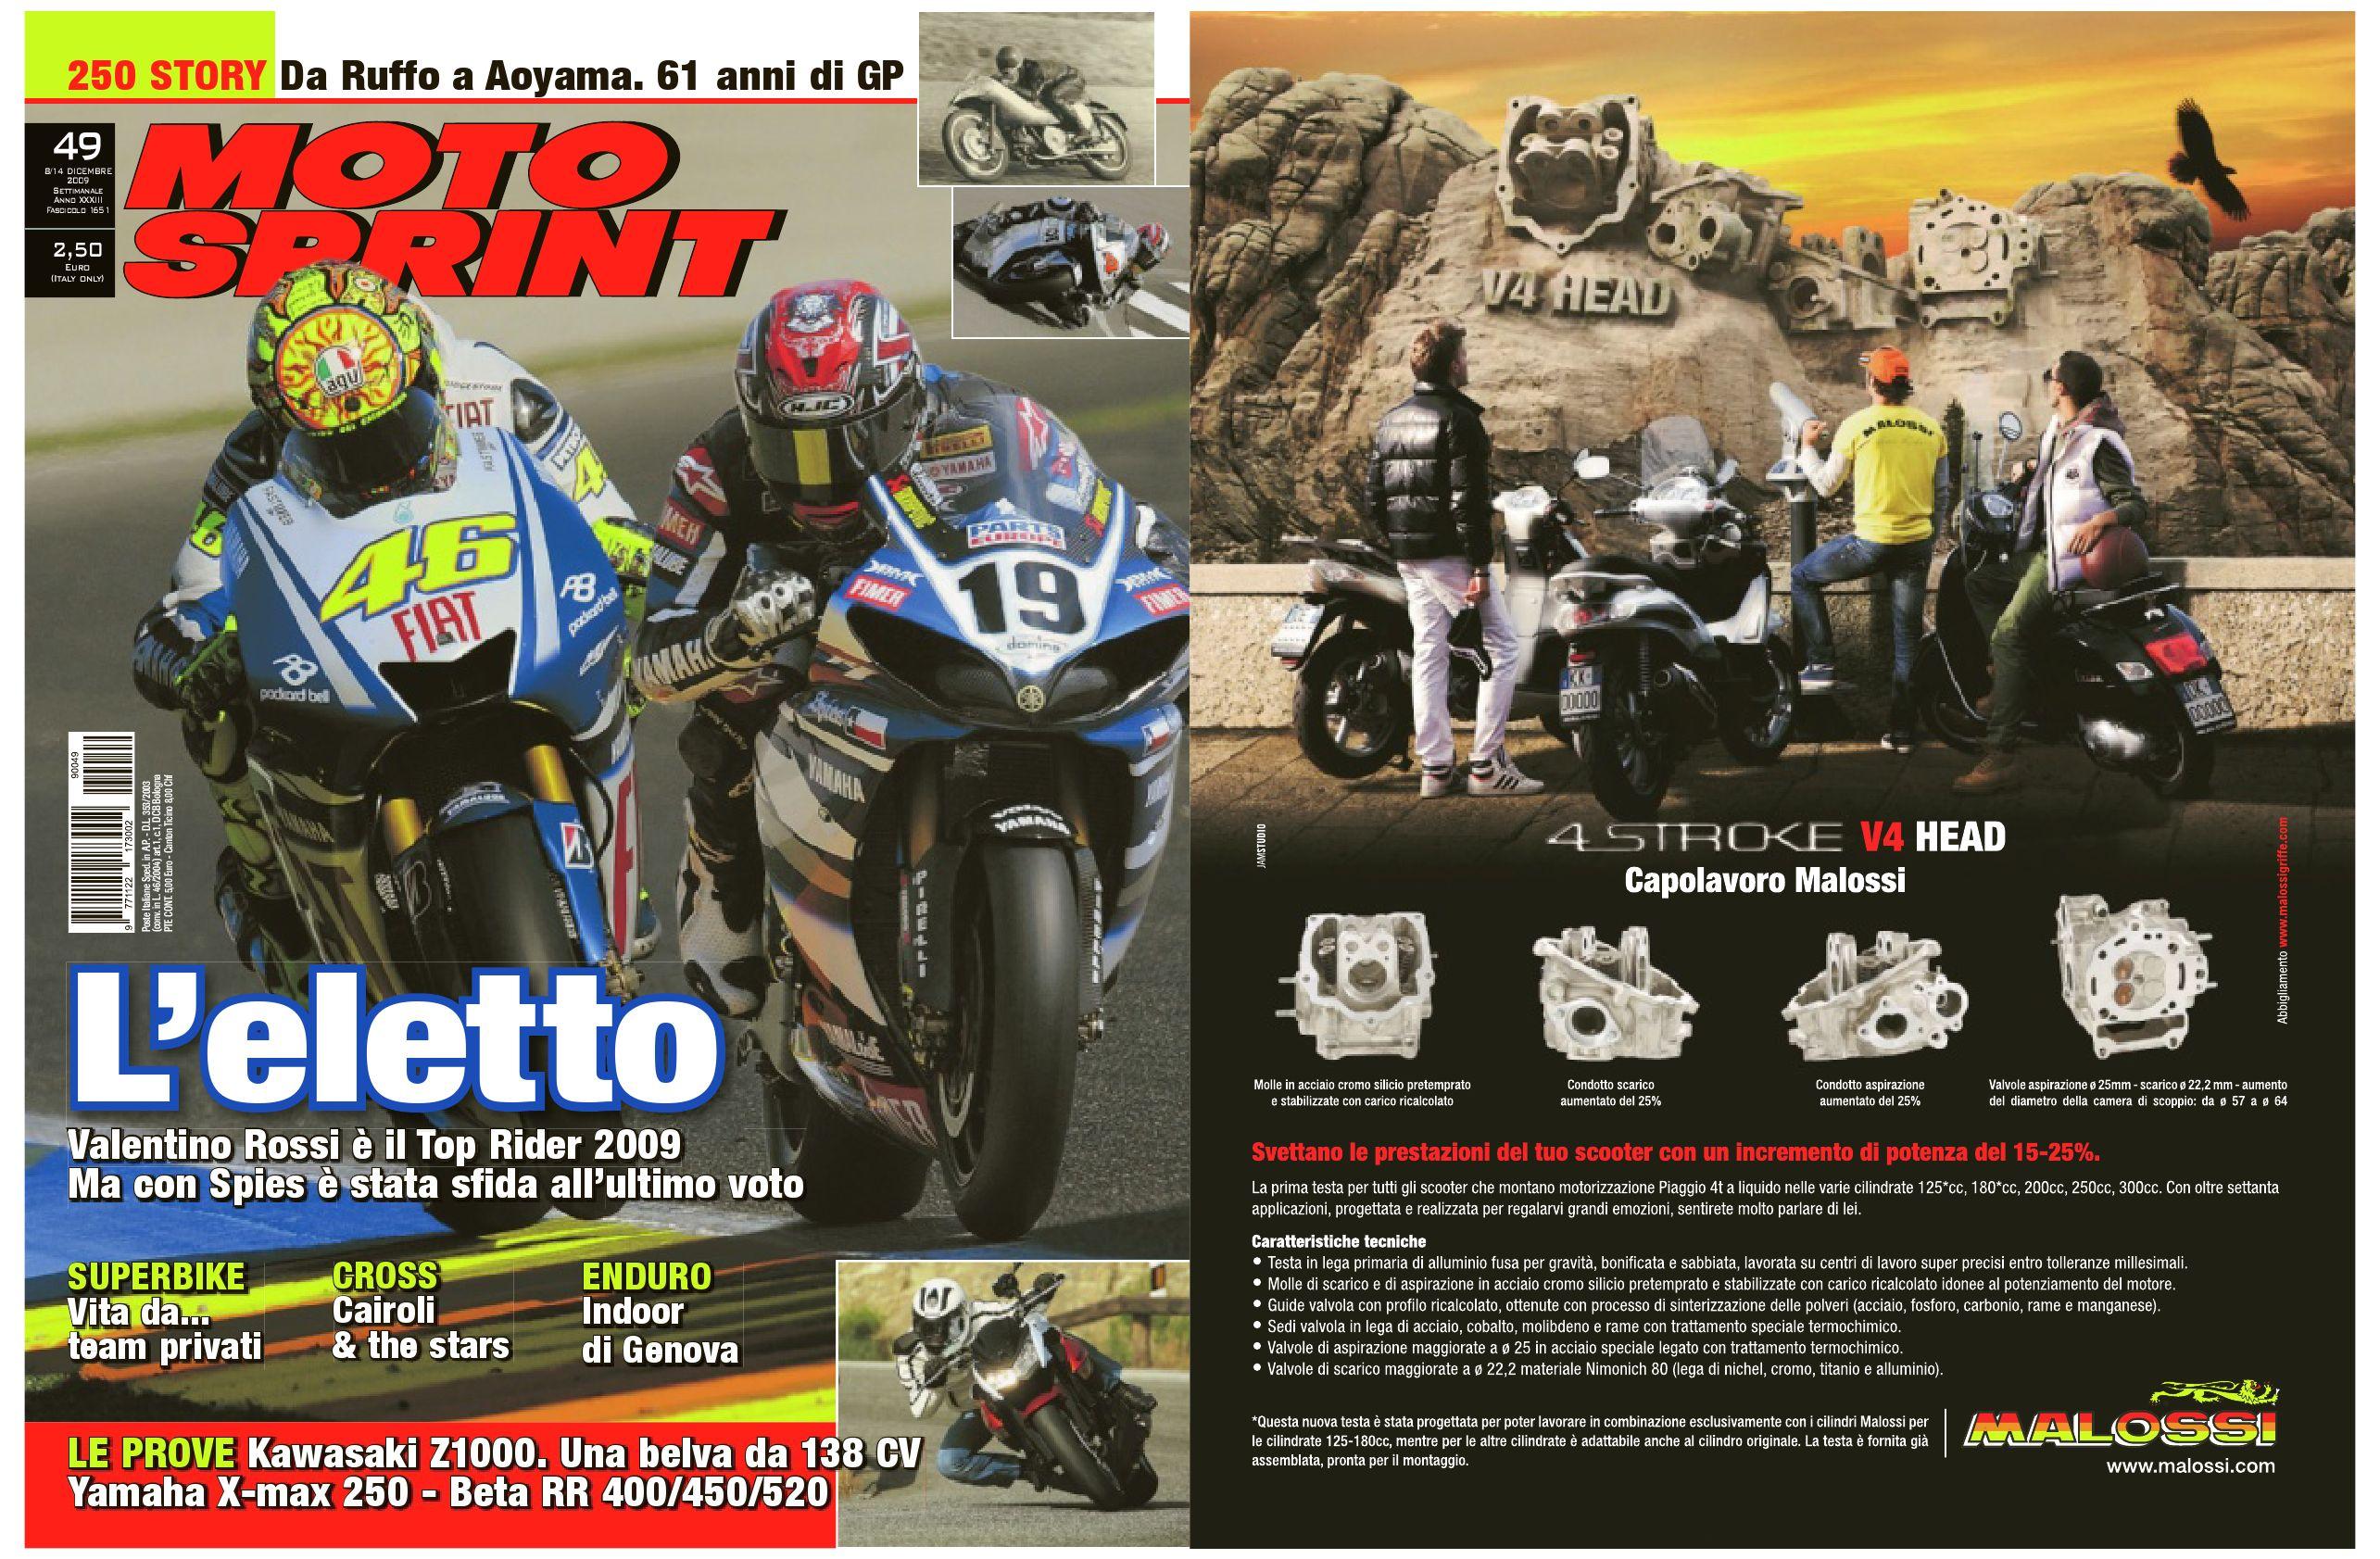 Problema risolto Superbike-Da Uomo Divertente Felpa Con Cappuccio Moto GP MOTO BIKER MOTORCYCLE